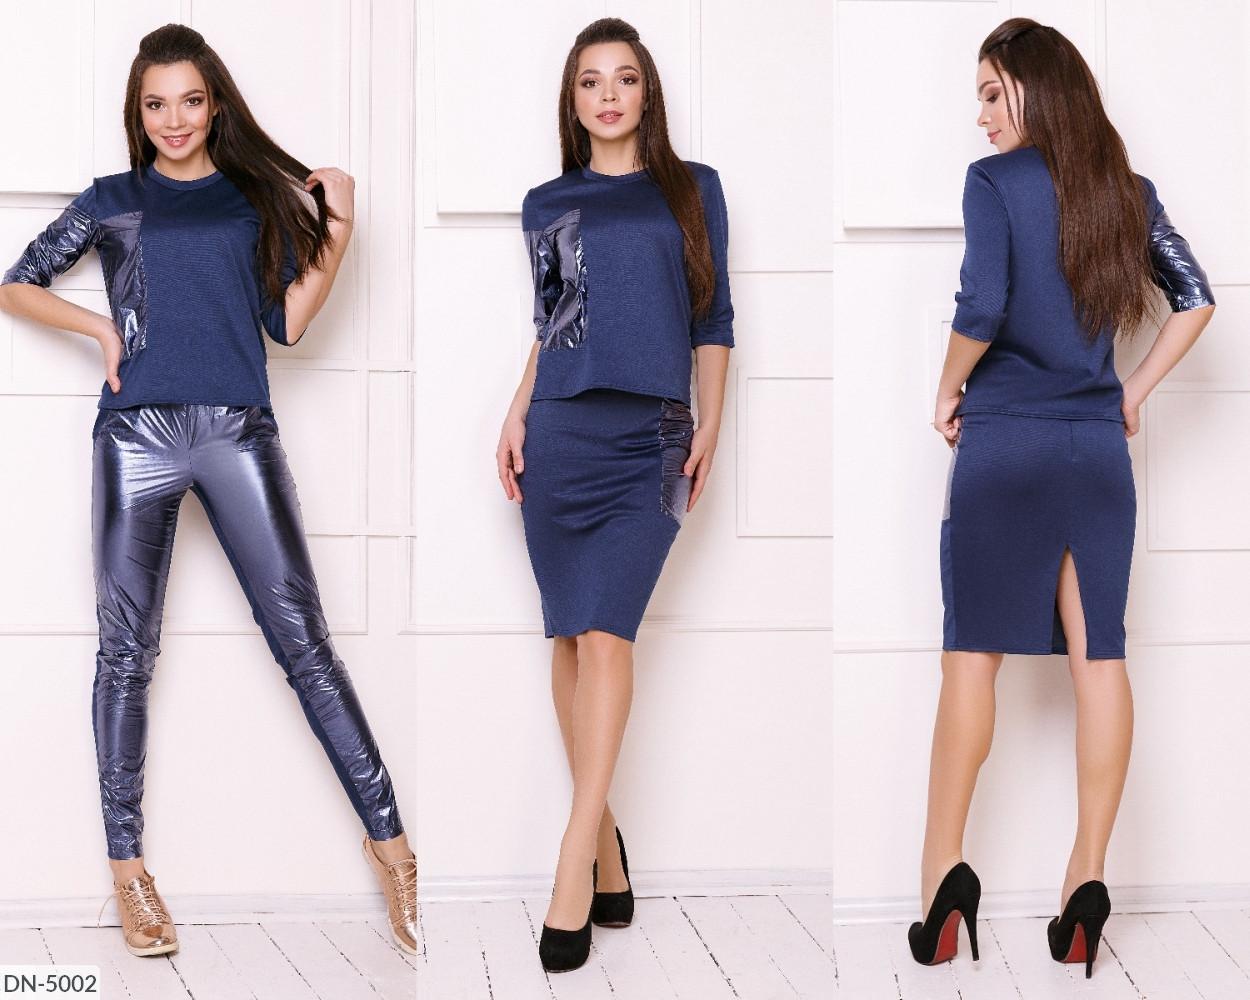 Модный костюм тройка юбка-штаны-кофта, синий, № 217, 42-46 р.